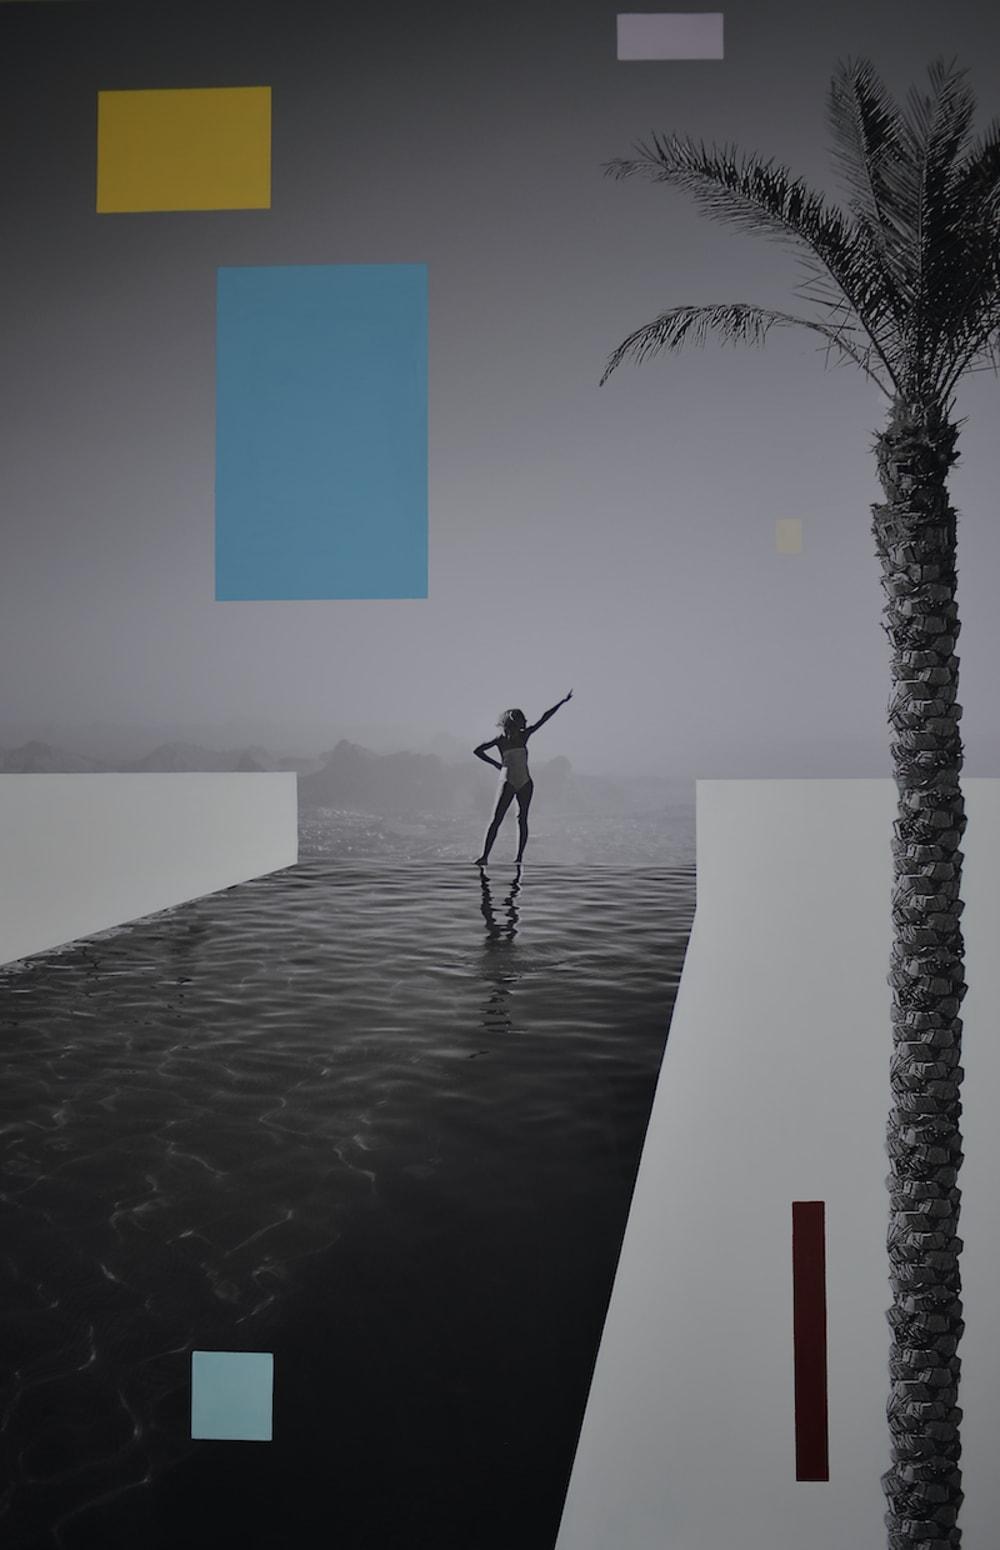 Piscine Oman - Victoire d'Harcourt